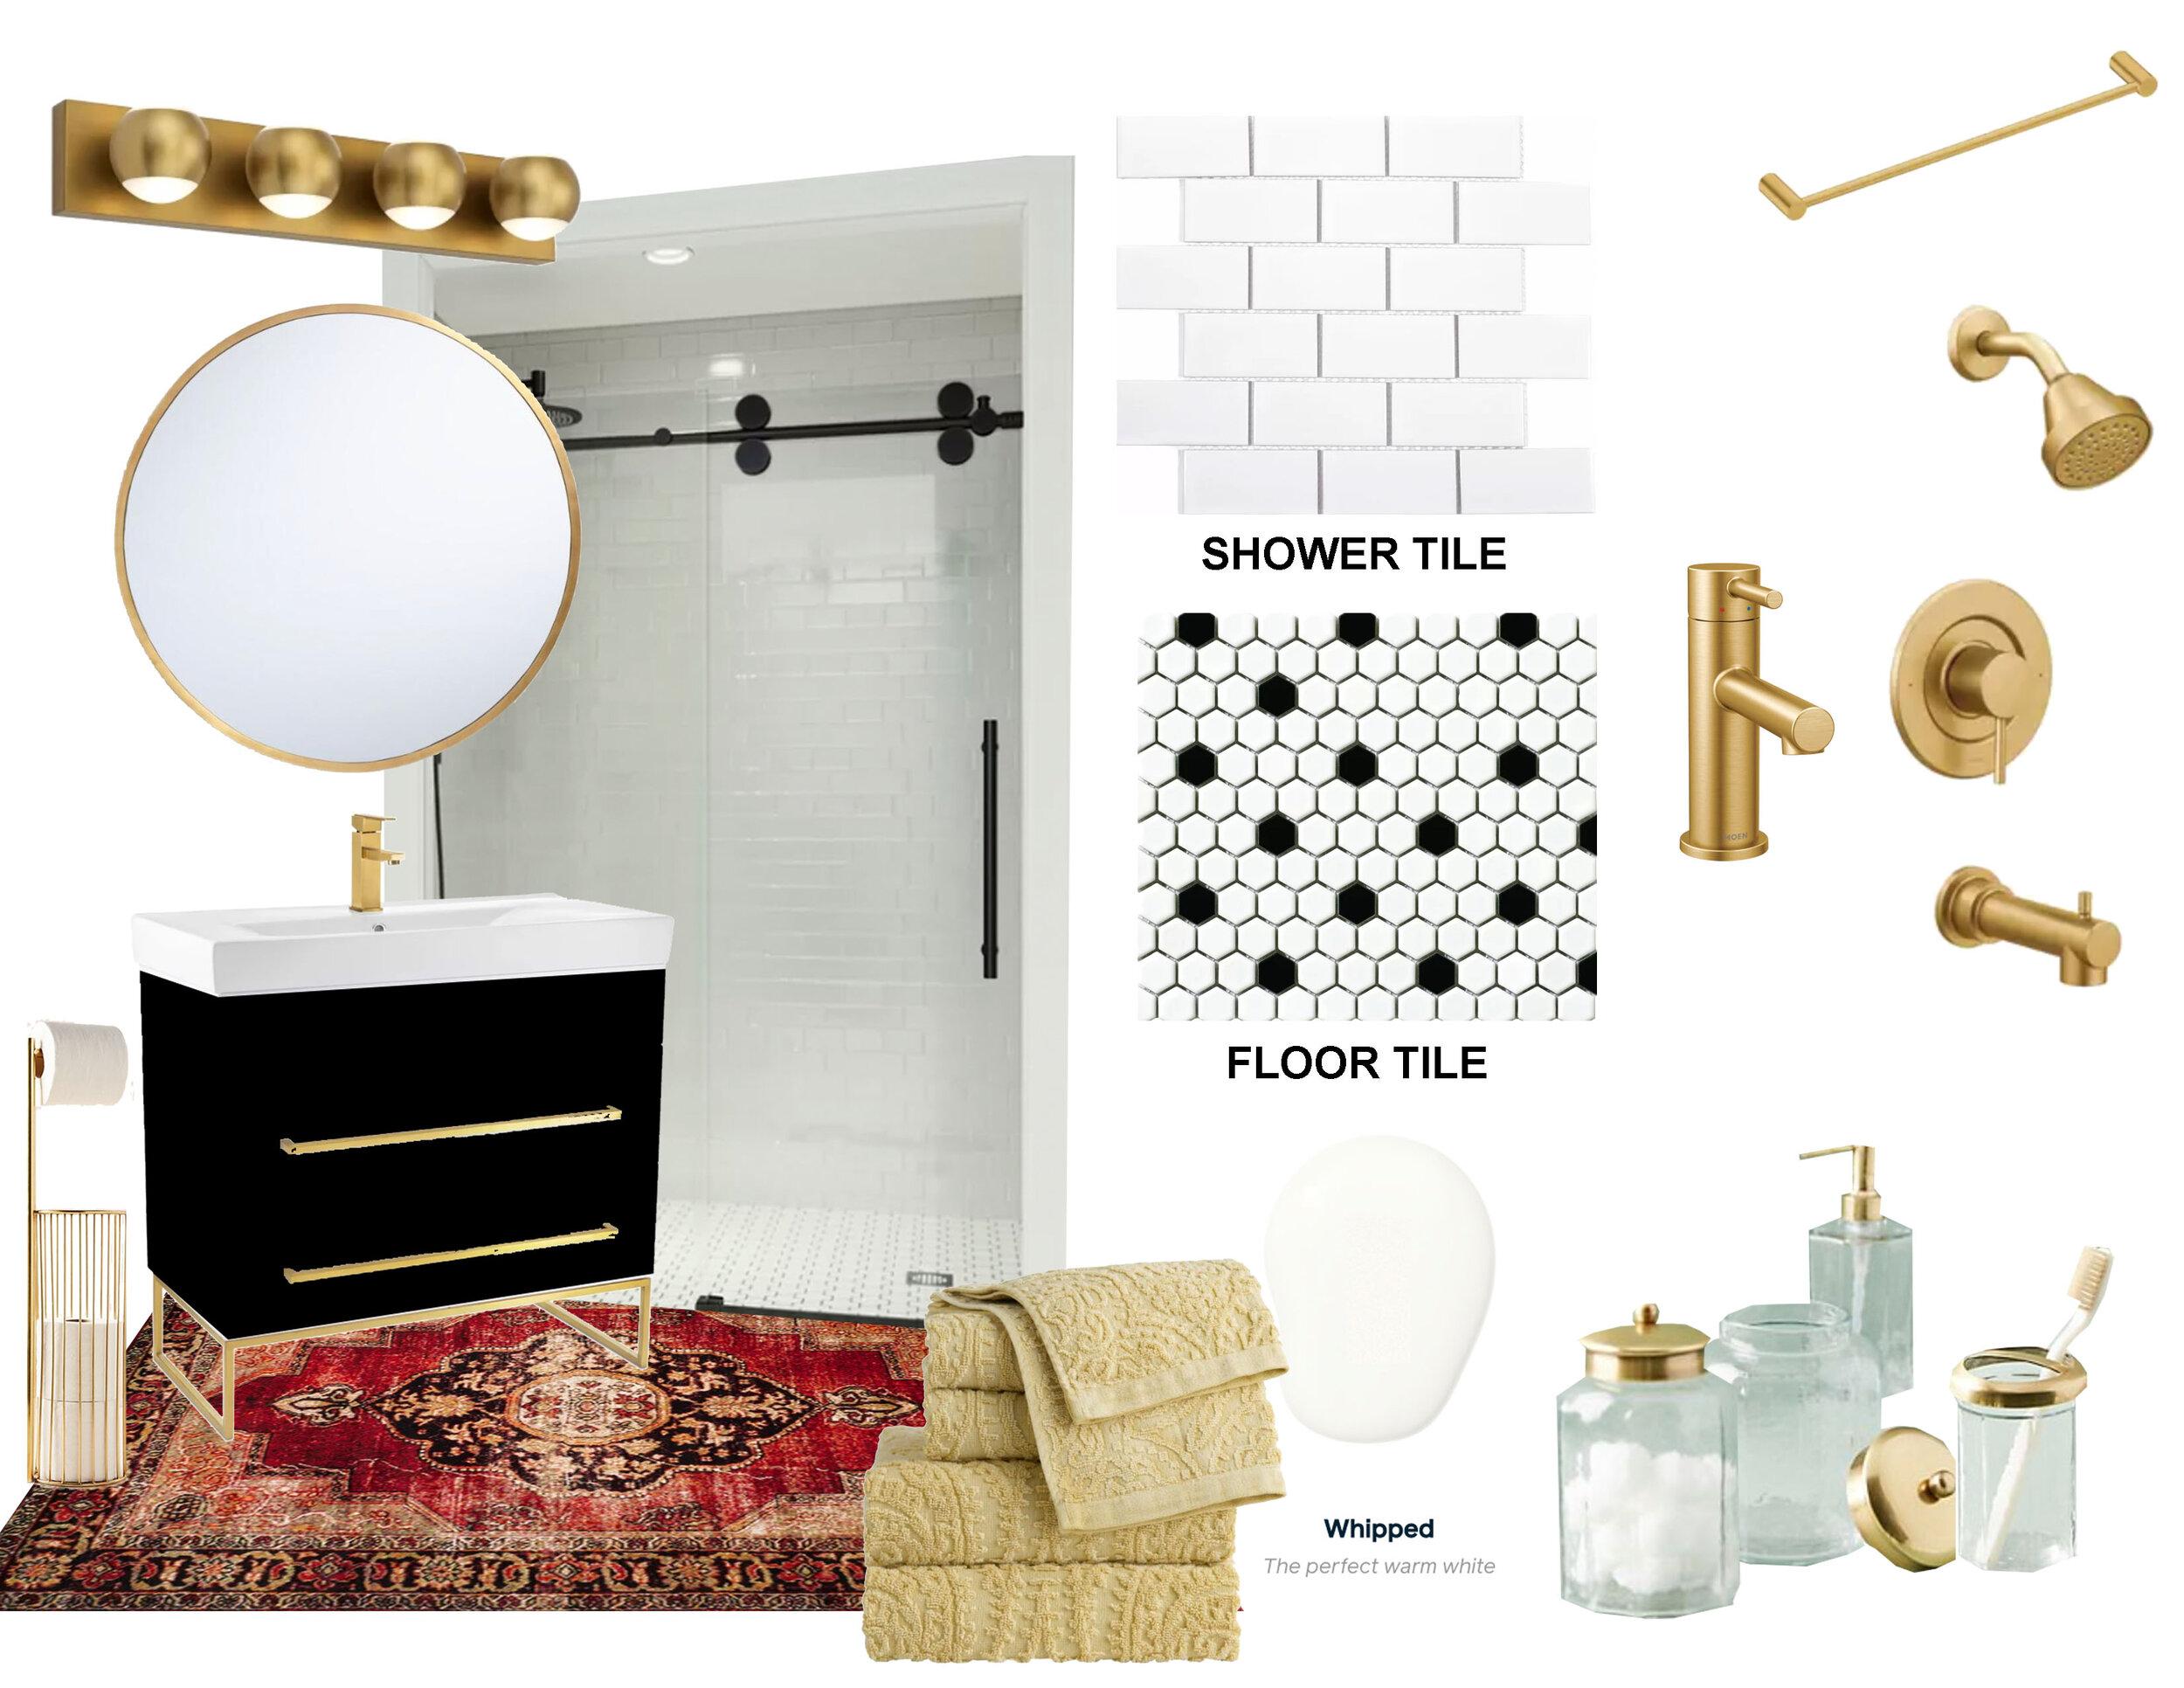 Bathroom Mood Board.jpg